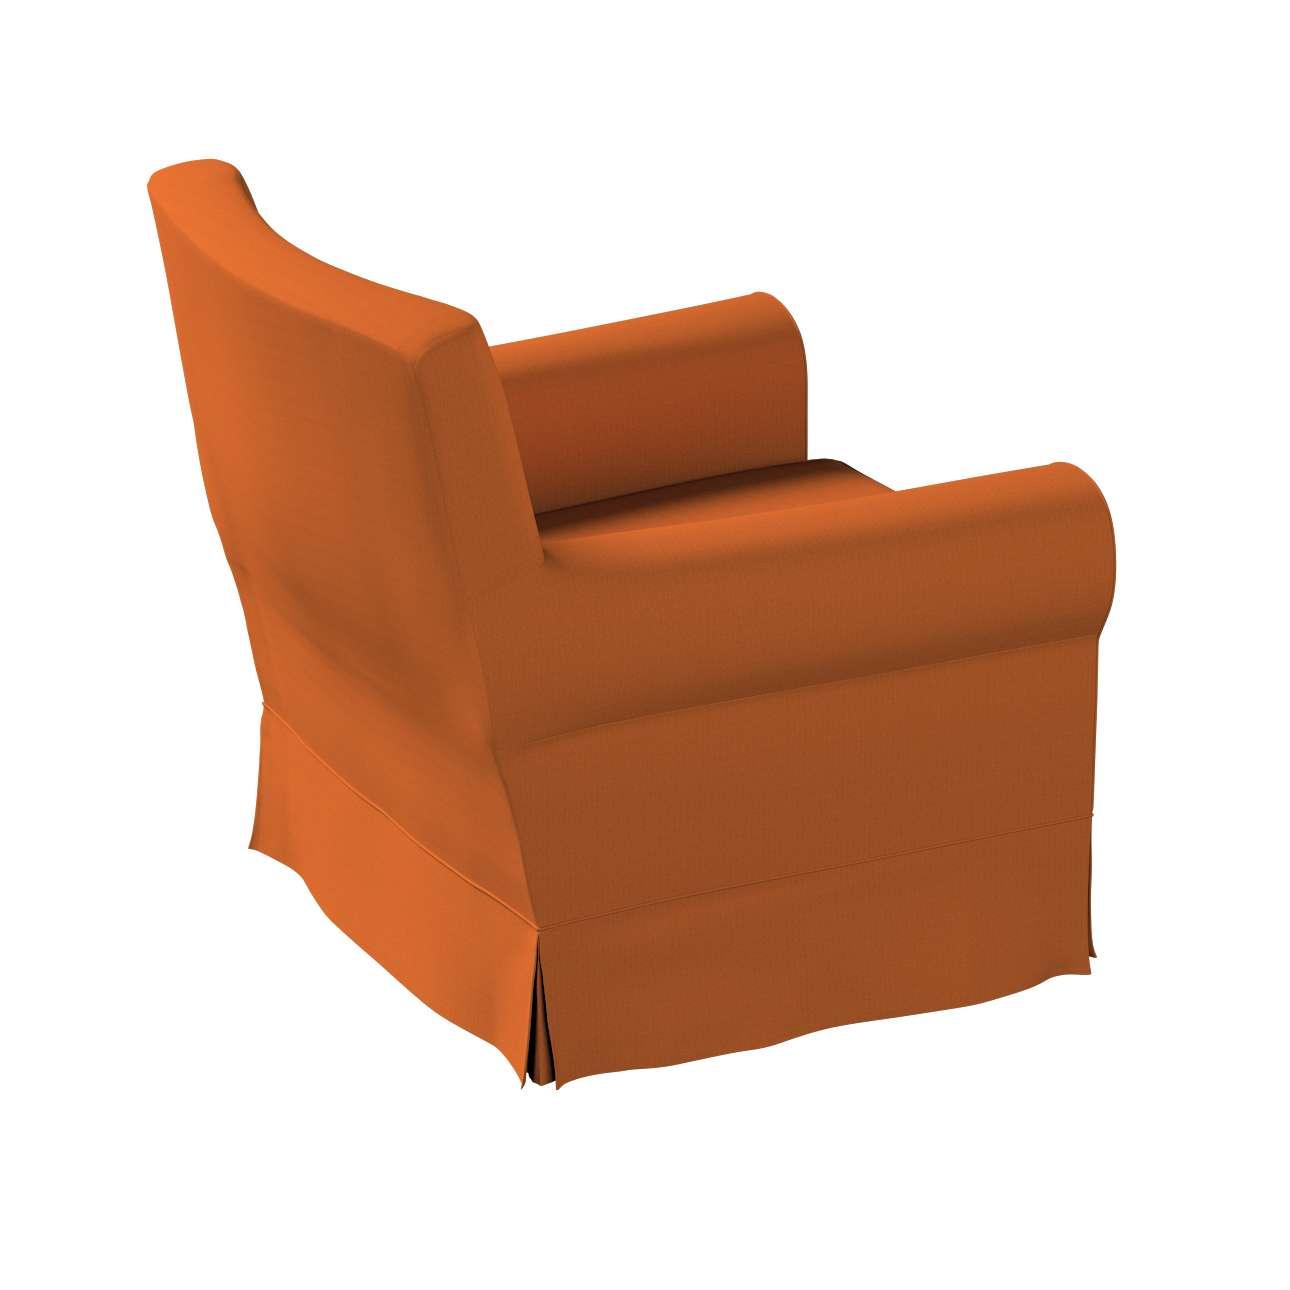 Pokrowiec na fotel Ektorp Jennylund w kolekcji Cotton Panama, tkanina: 702-42